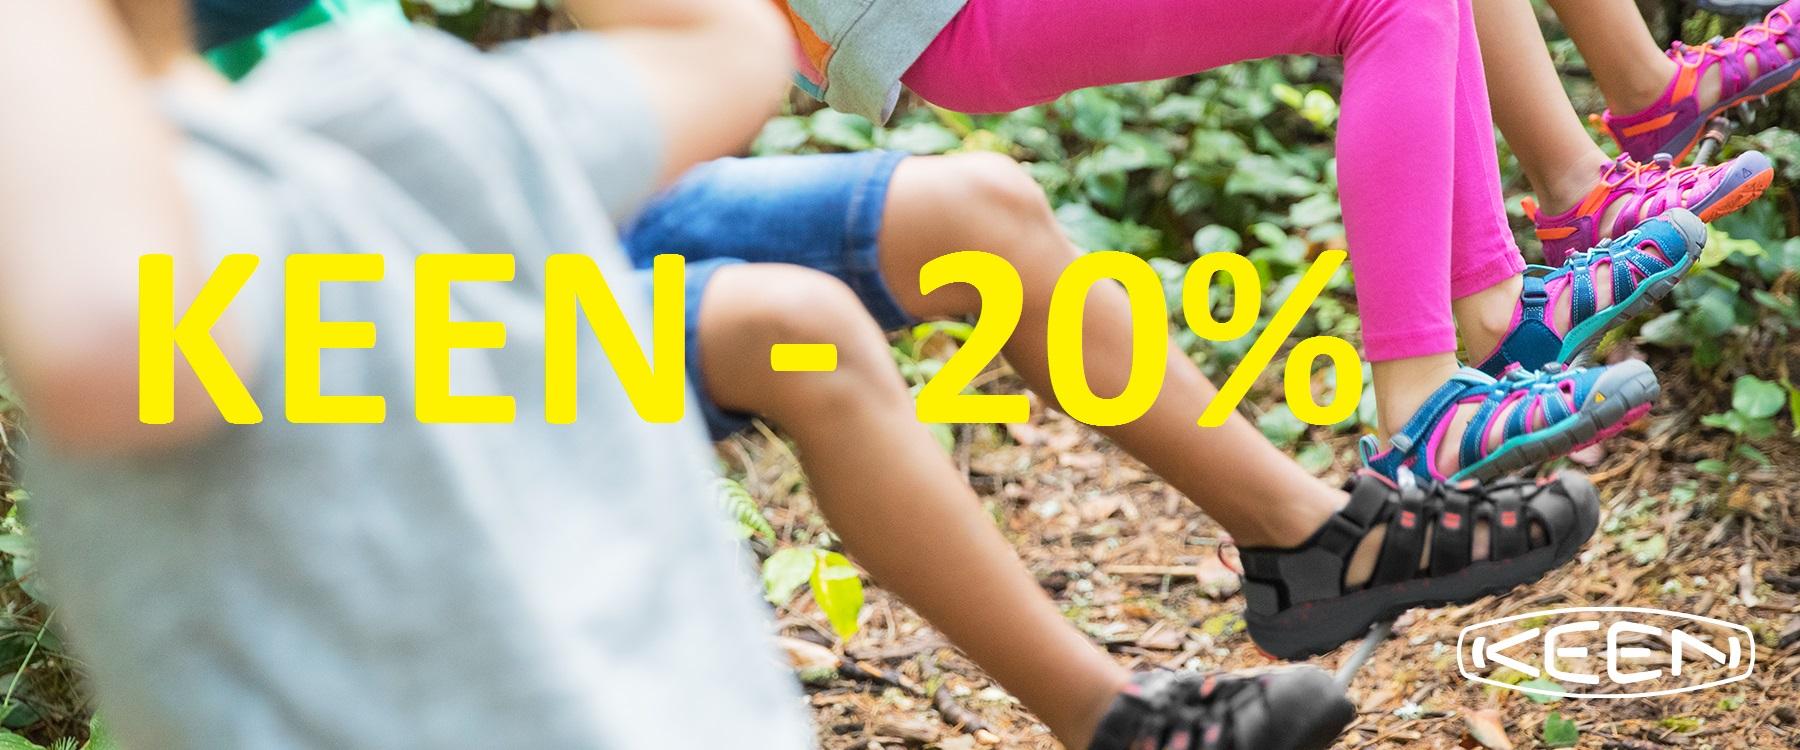 keen - sleva 20 %